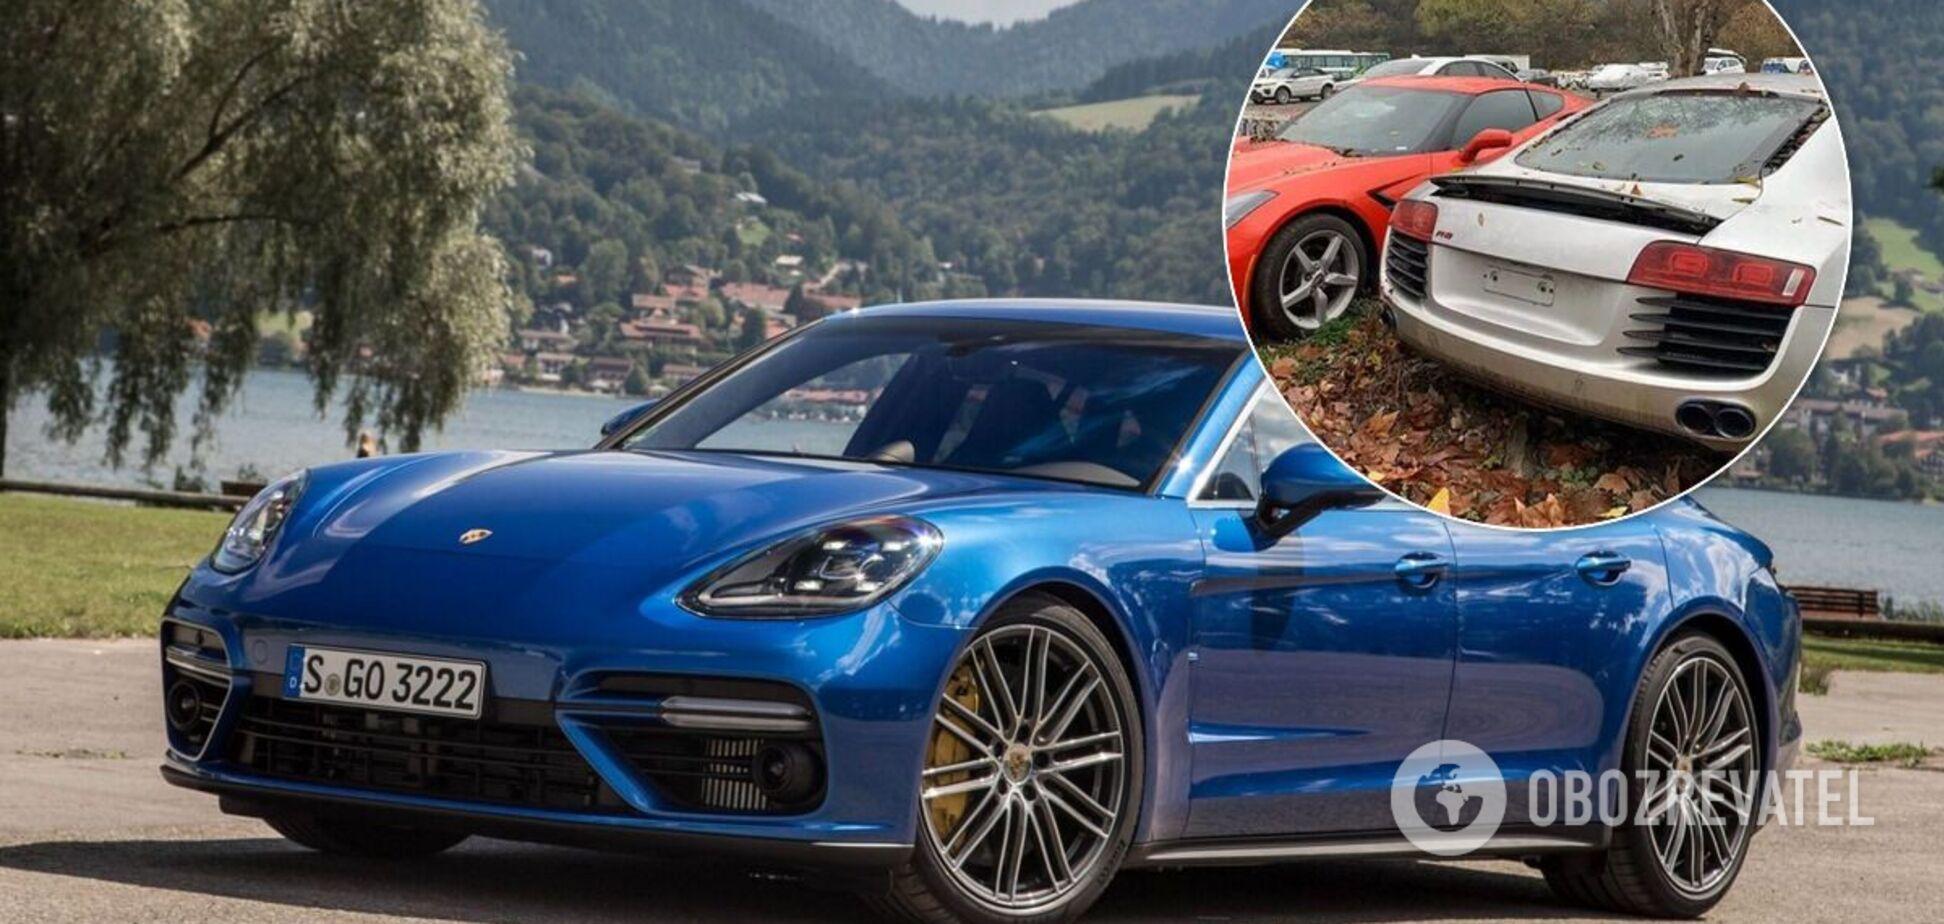 Знайдено звалище з майже новими Audi, Bentley і Porsche